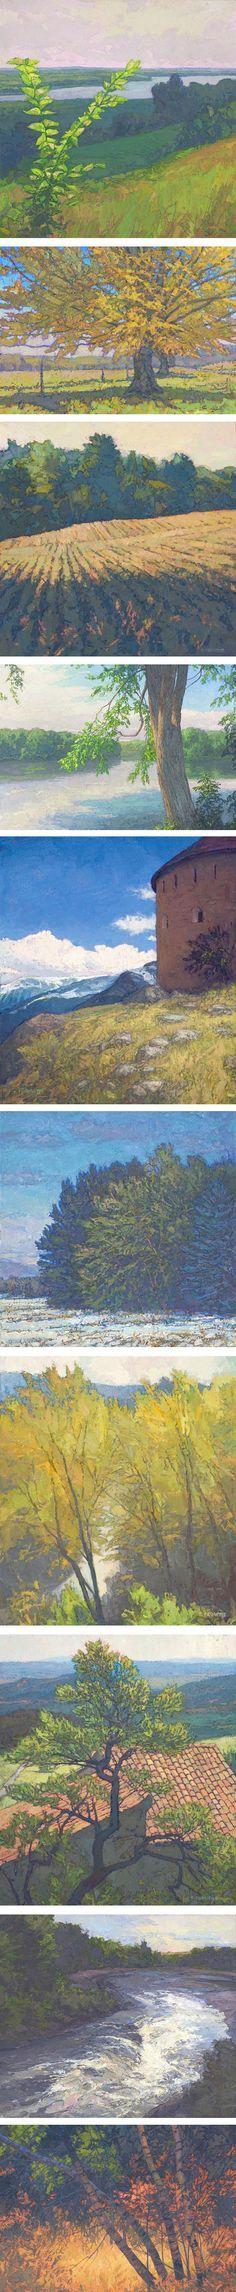 Thomas Paquette's landscape paintings